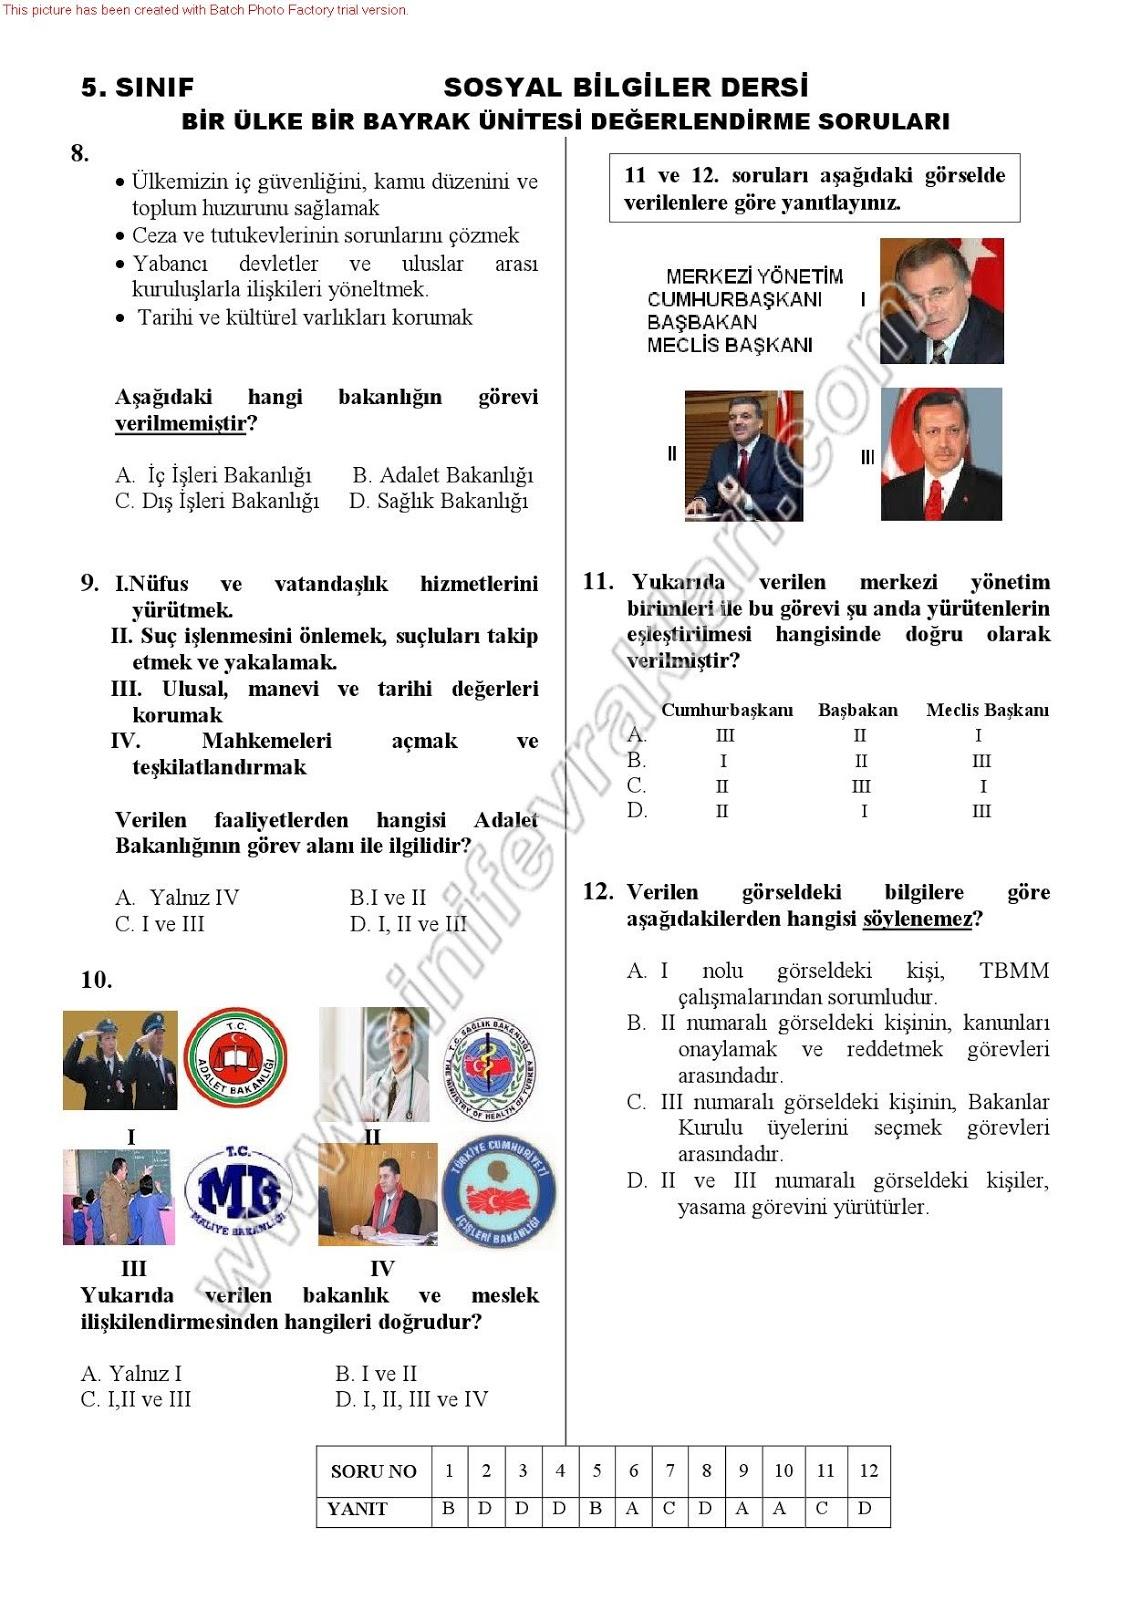 Sınıf sosyal bilgiler 7 ünite bir ülke bir bayrak ünite testi 5